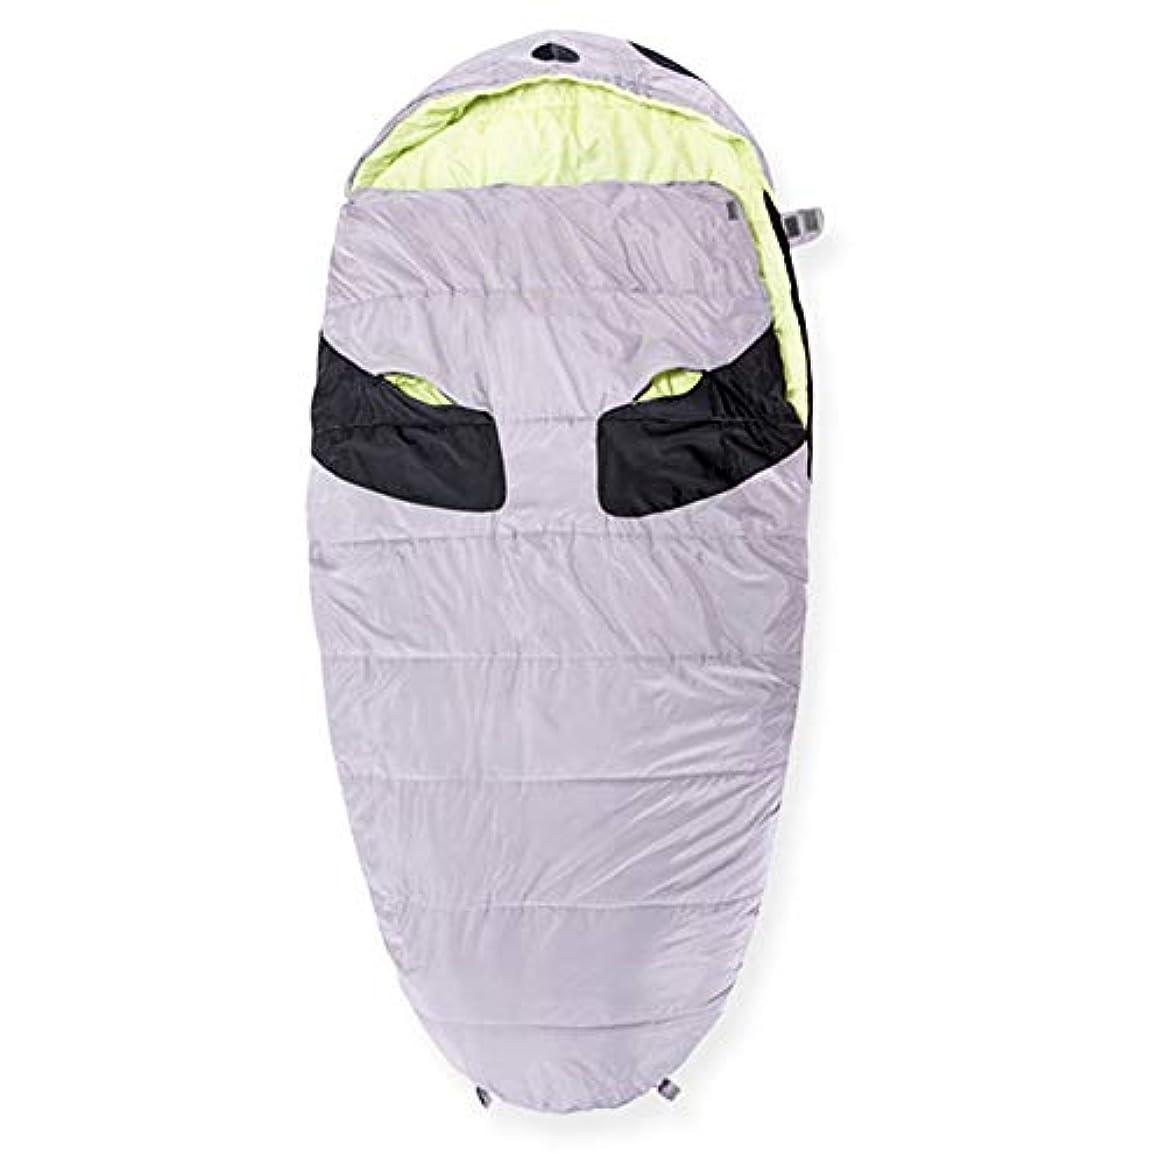 禁輸恐怖アスペクト寝袋 冬用 コンパクト 軽量 封筒型 ケーキ形 肥厚 収納袋付き 最低使用温度 -10度